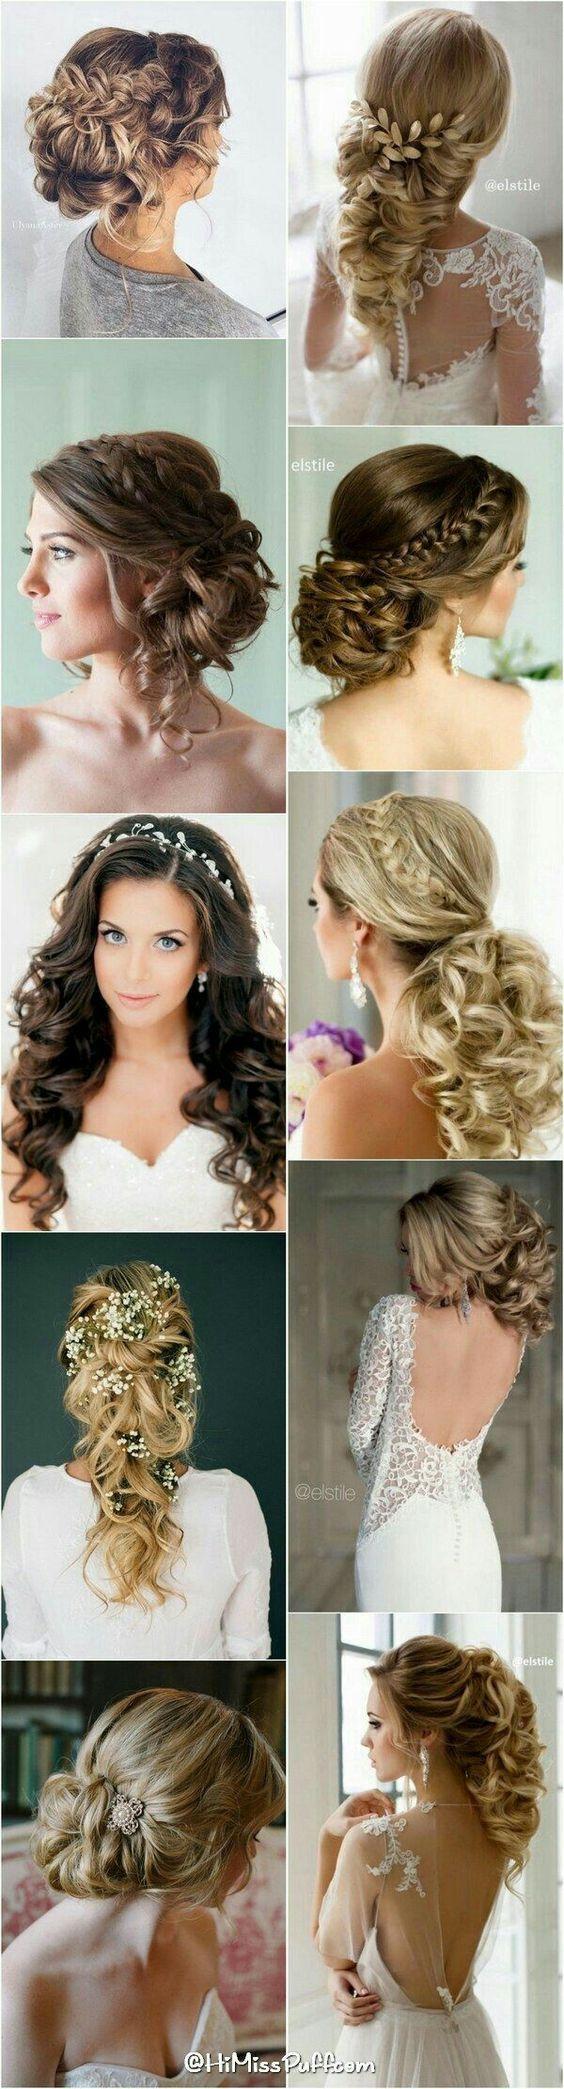 Top left